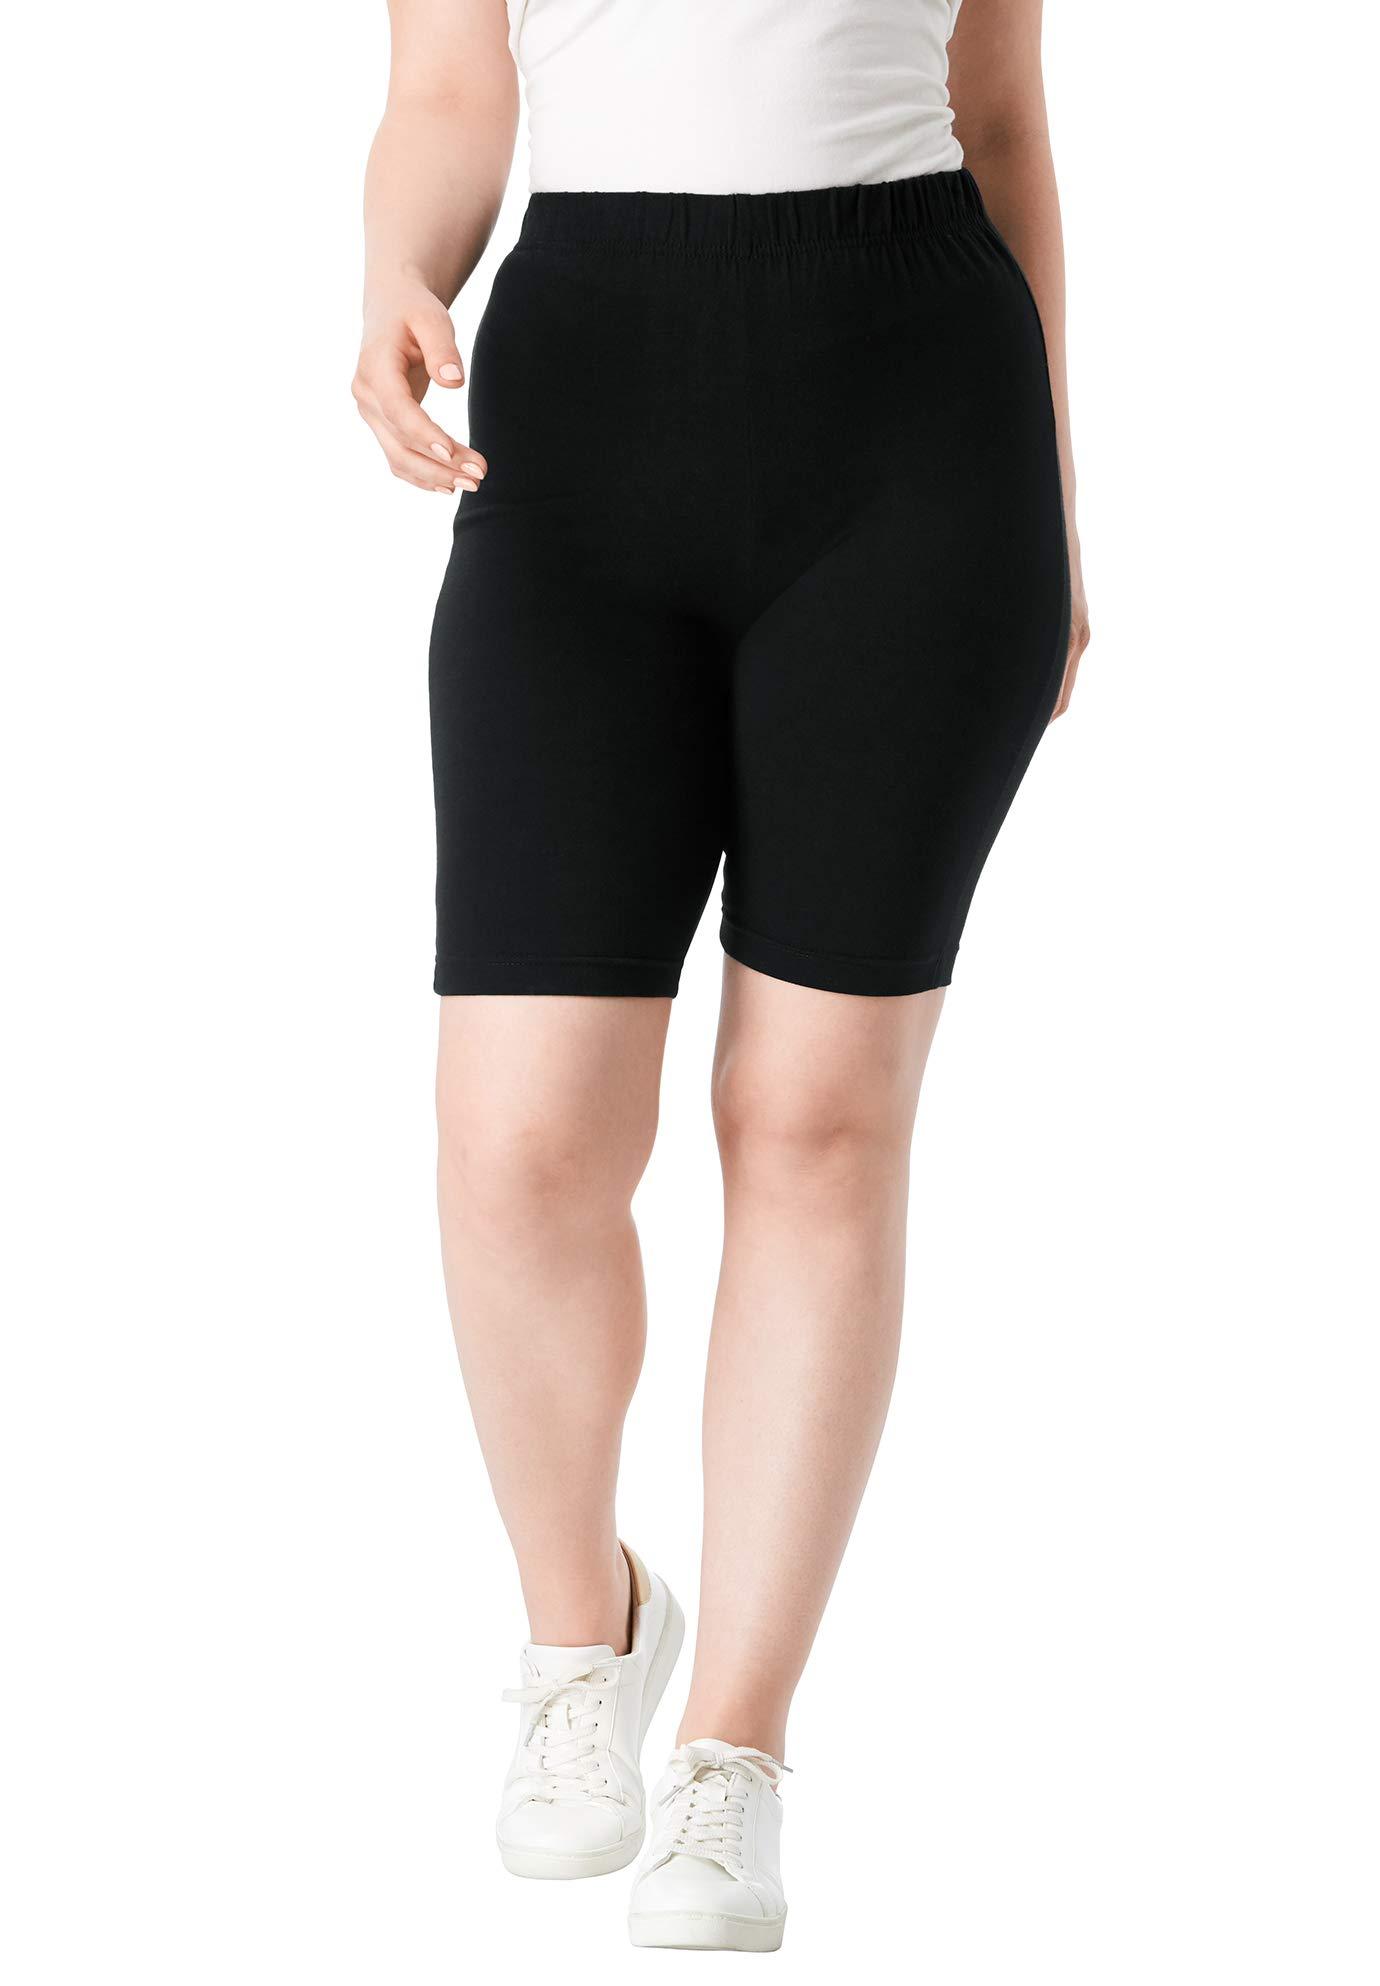 Roamans Women's Plus Size Essential Stretch Bike Short - Black, 3X by Roamans